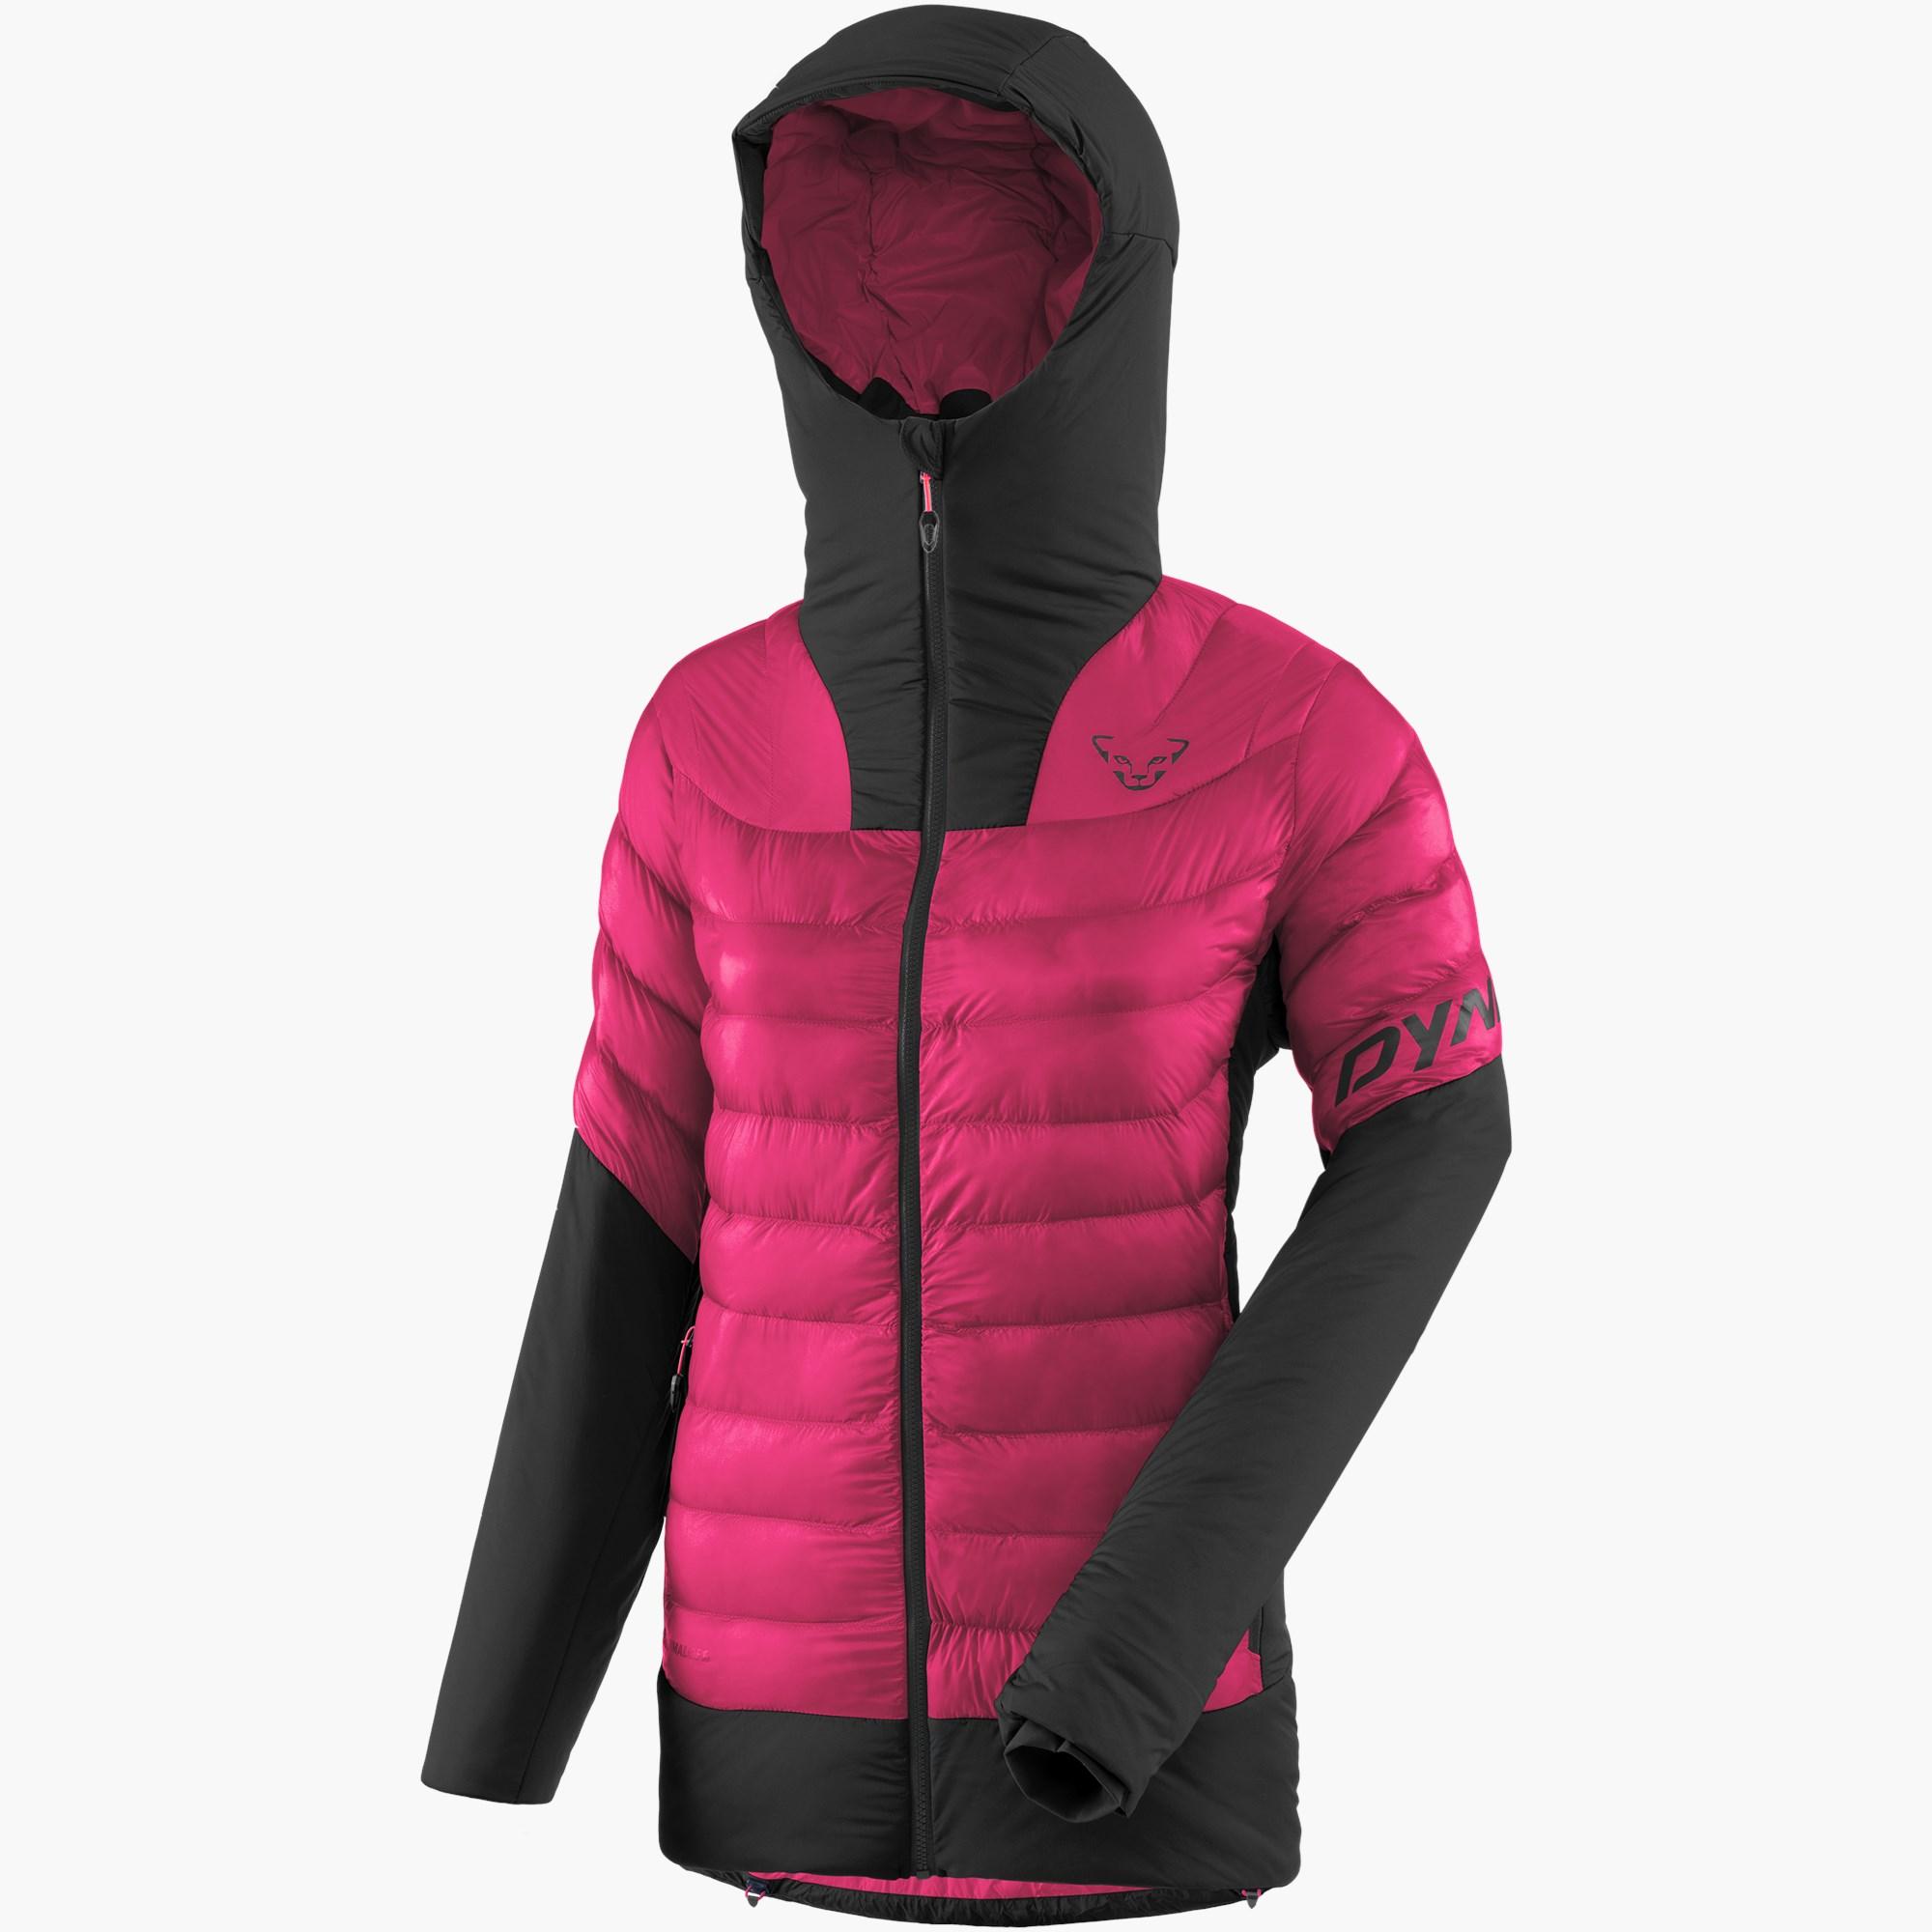 Giacca isolante da donna per scialpinismo e giornate fredde